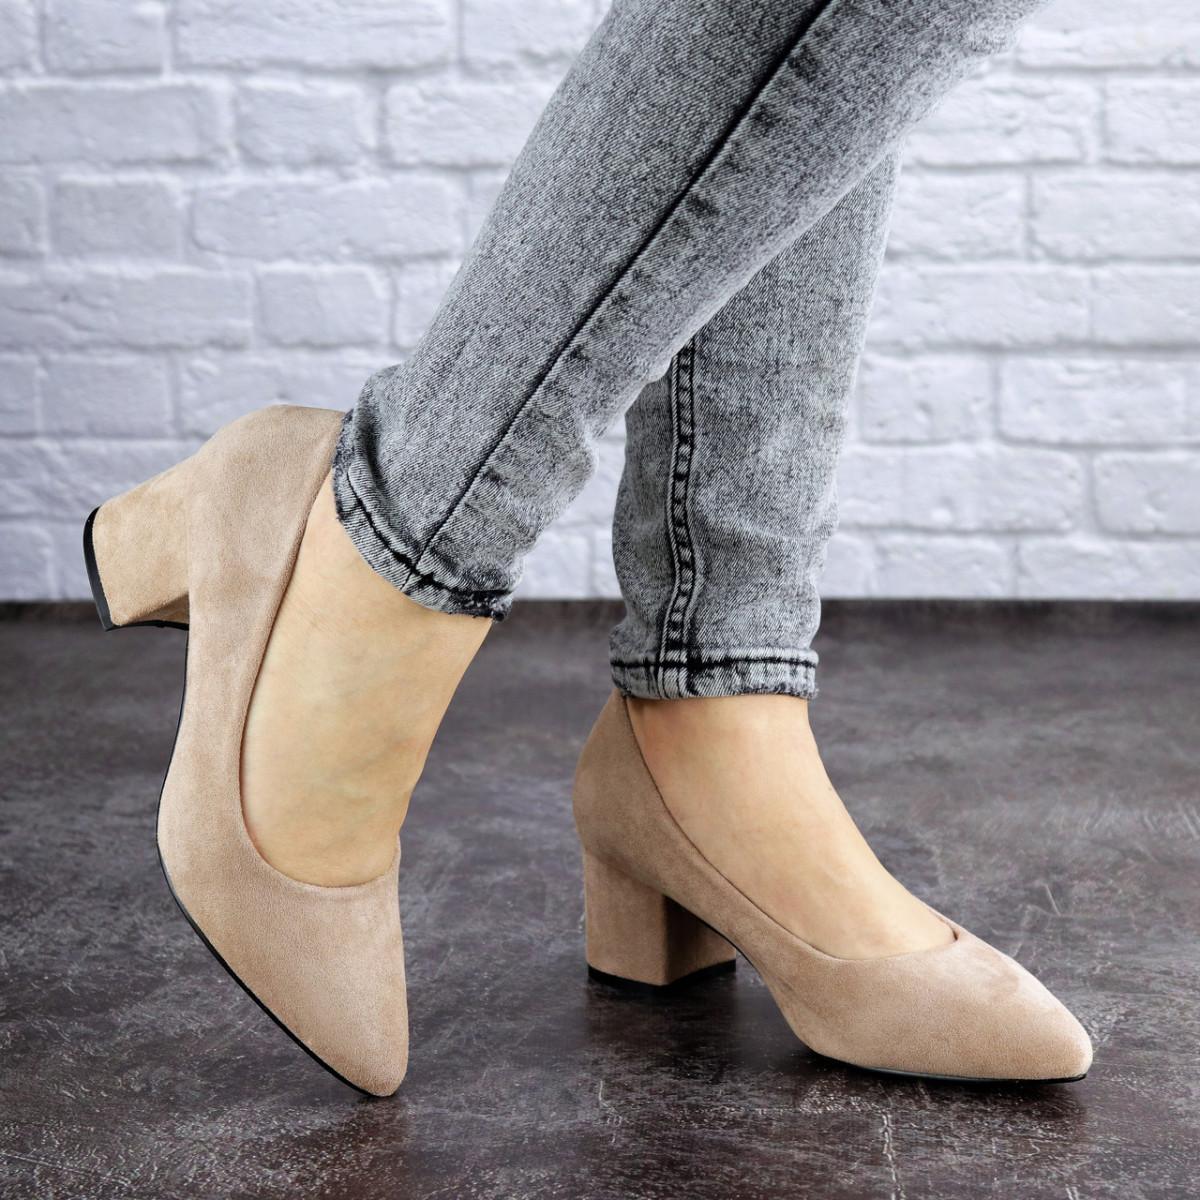 Женские туфли на каблуке бежевые Pebbles 2015 (38 размер)